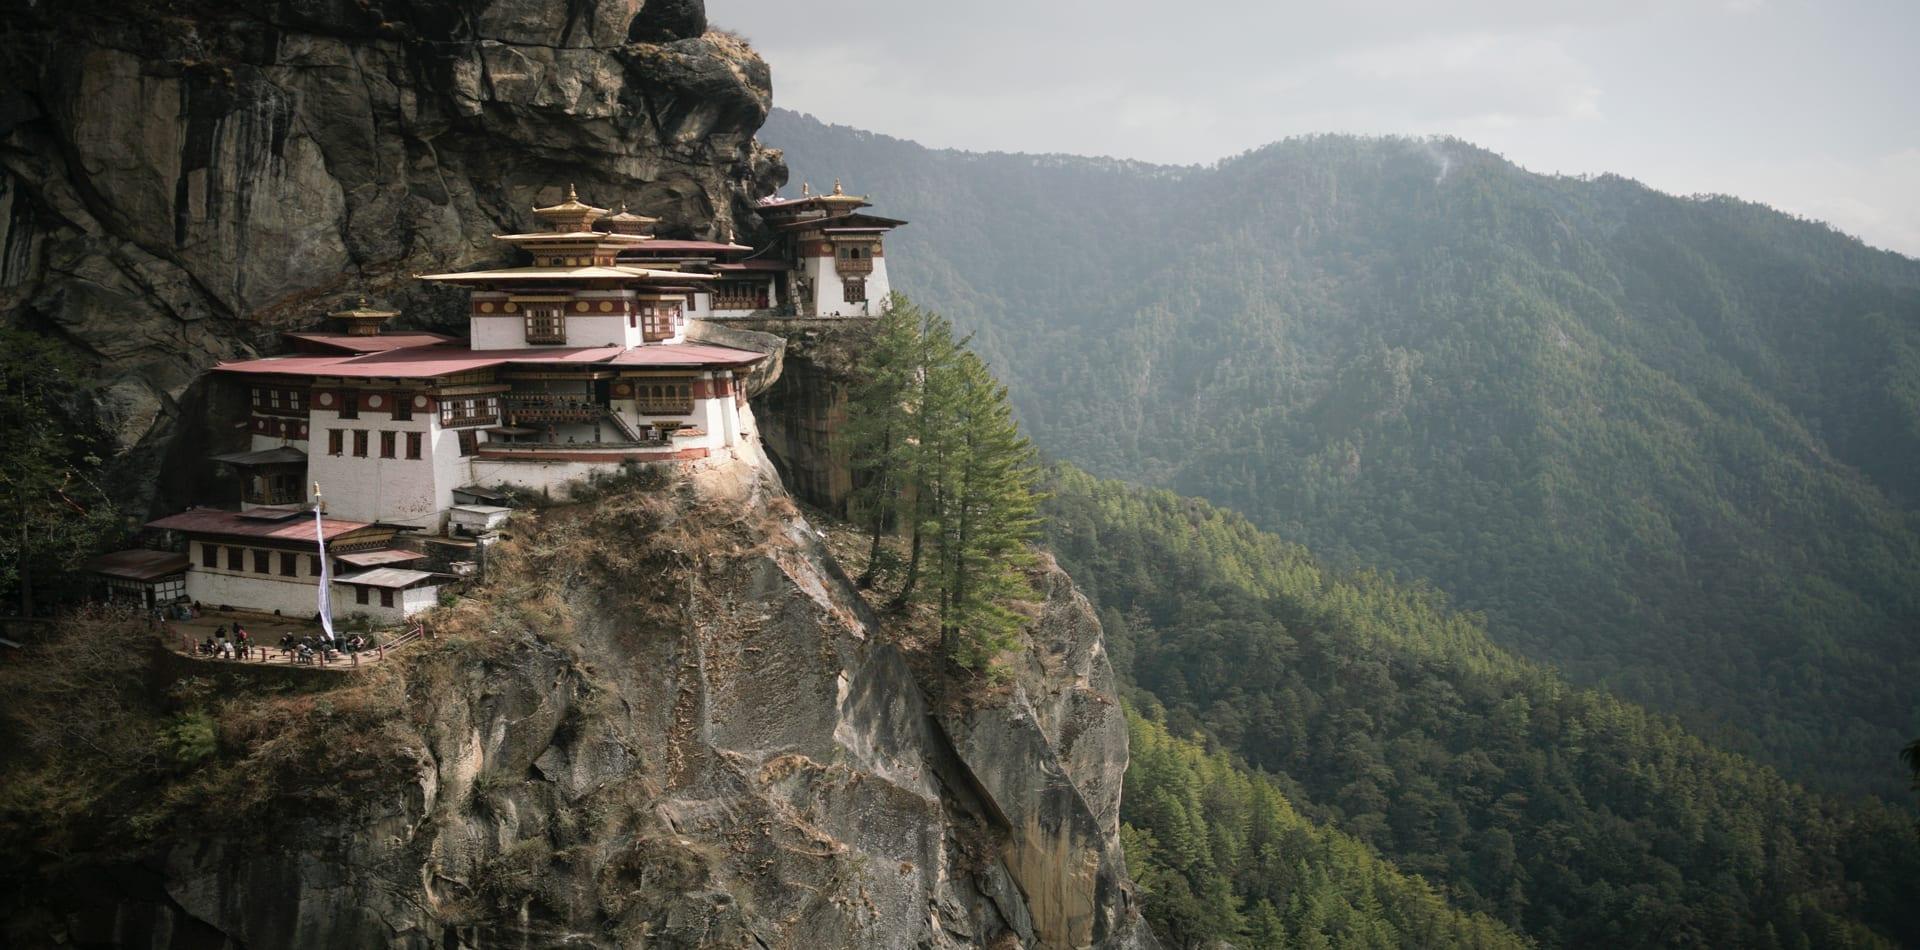 Bhutan Tigers Nest Monastry Cliff